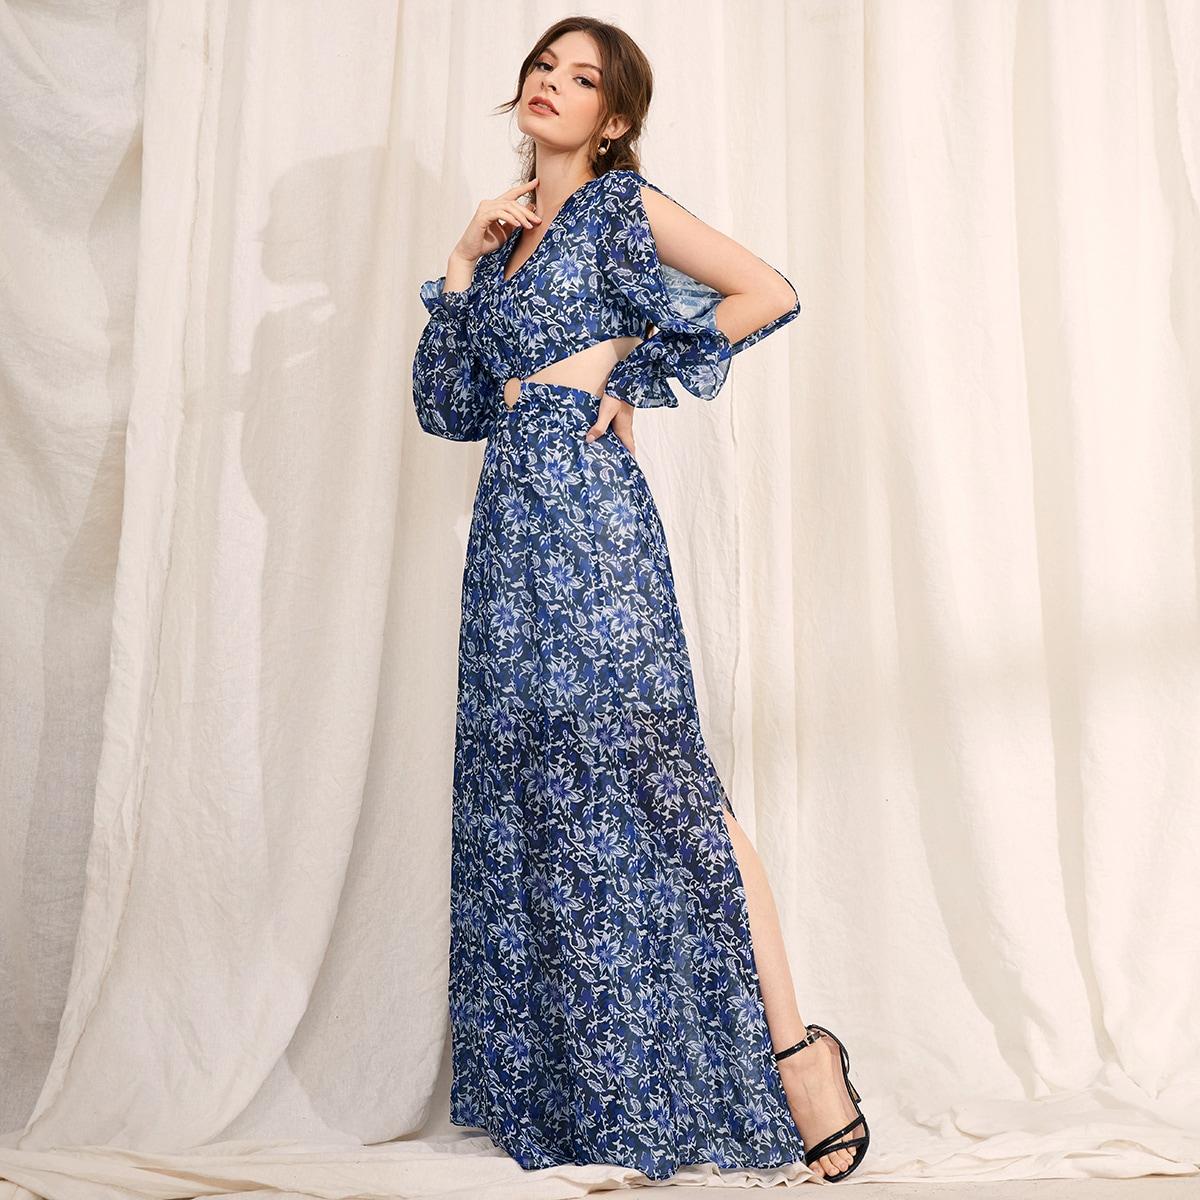 с разрезом Разрез Высокий разрез Со цветочками Принт Бохо Платье SheIn swdress44210514031